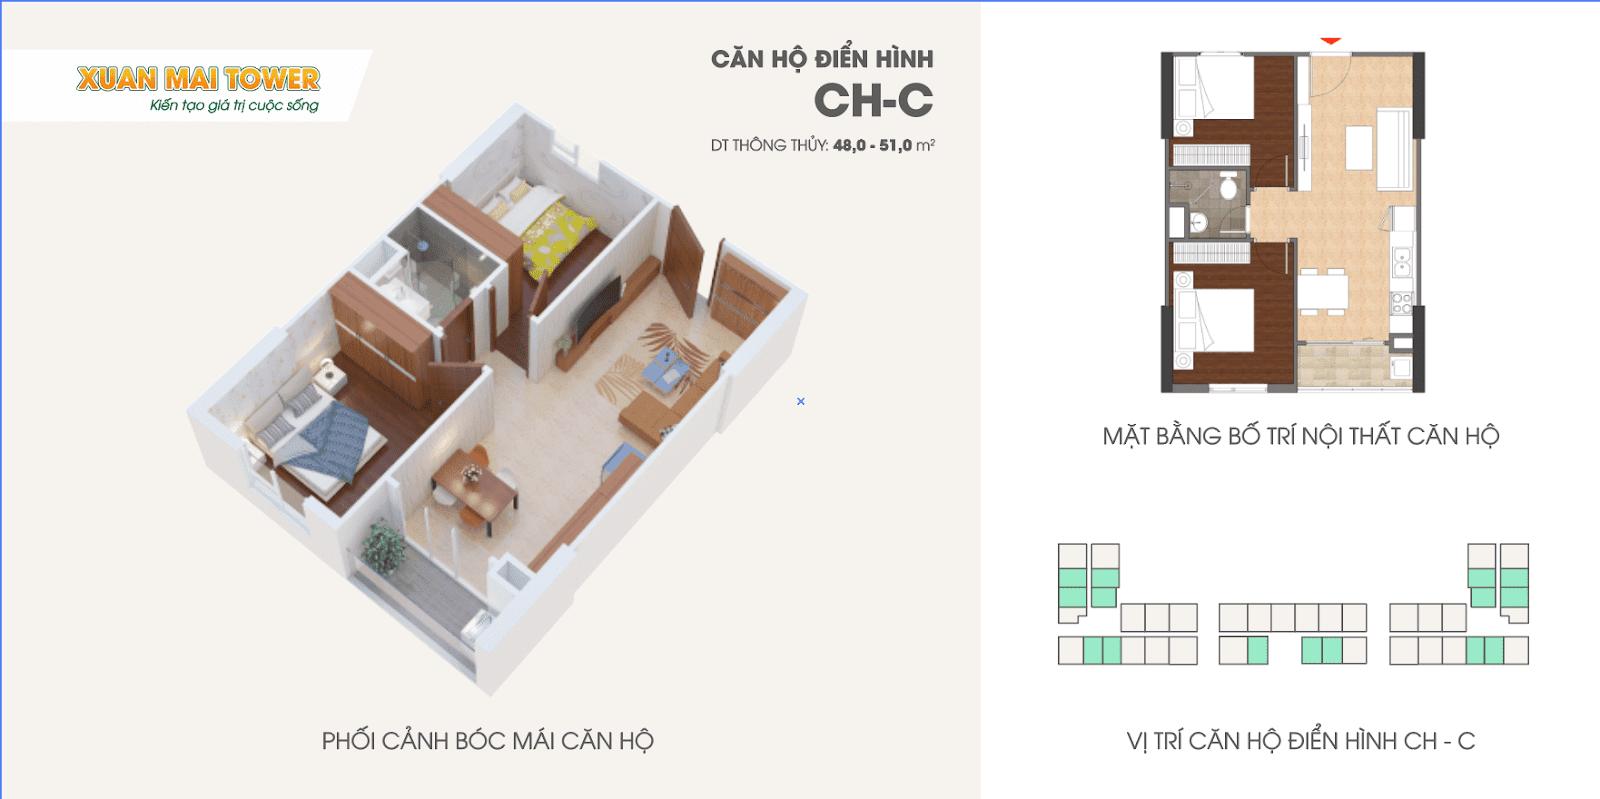 Căn hộ điển hình CH - C dự án Xuân Mai Tower Thanh Hoá